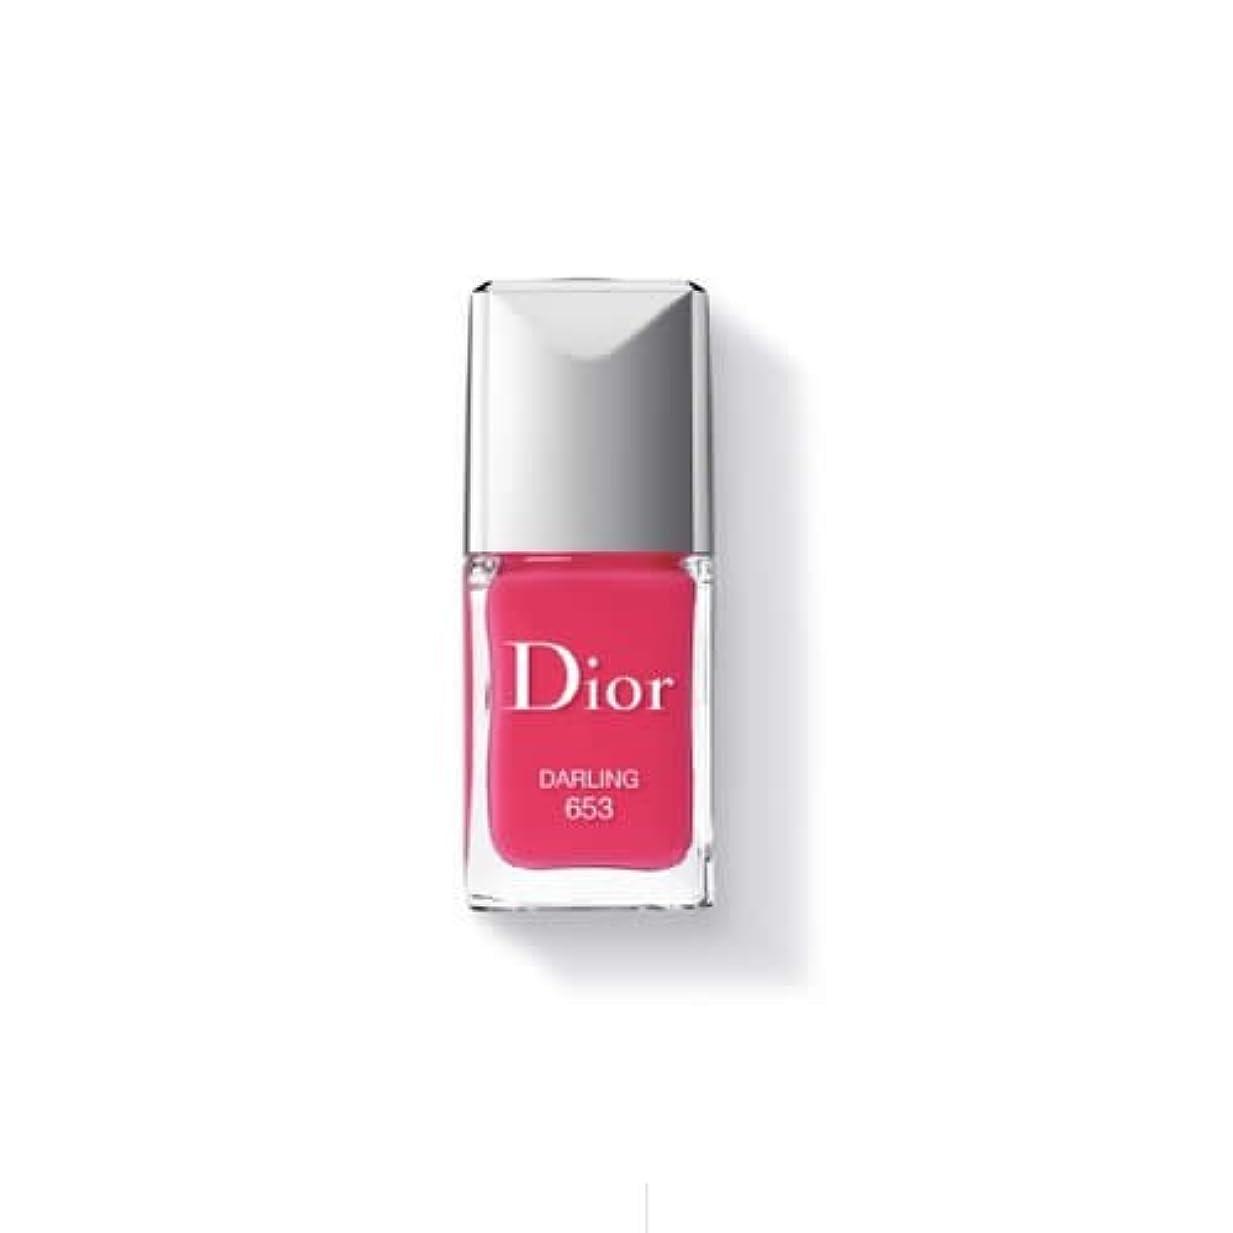 保険をかけるトーナメントへこみディオール ヴェルニ #653 ダーリン 10ml クリスチャン ディオール Christian Dior 訳あり